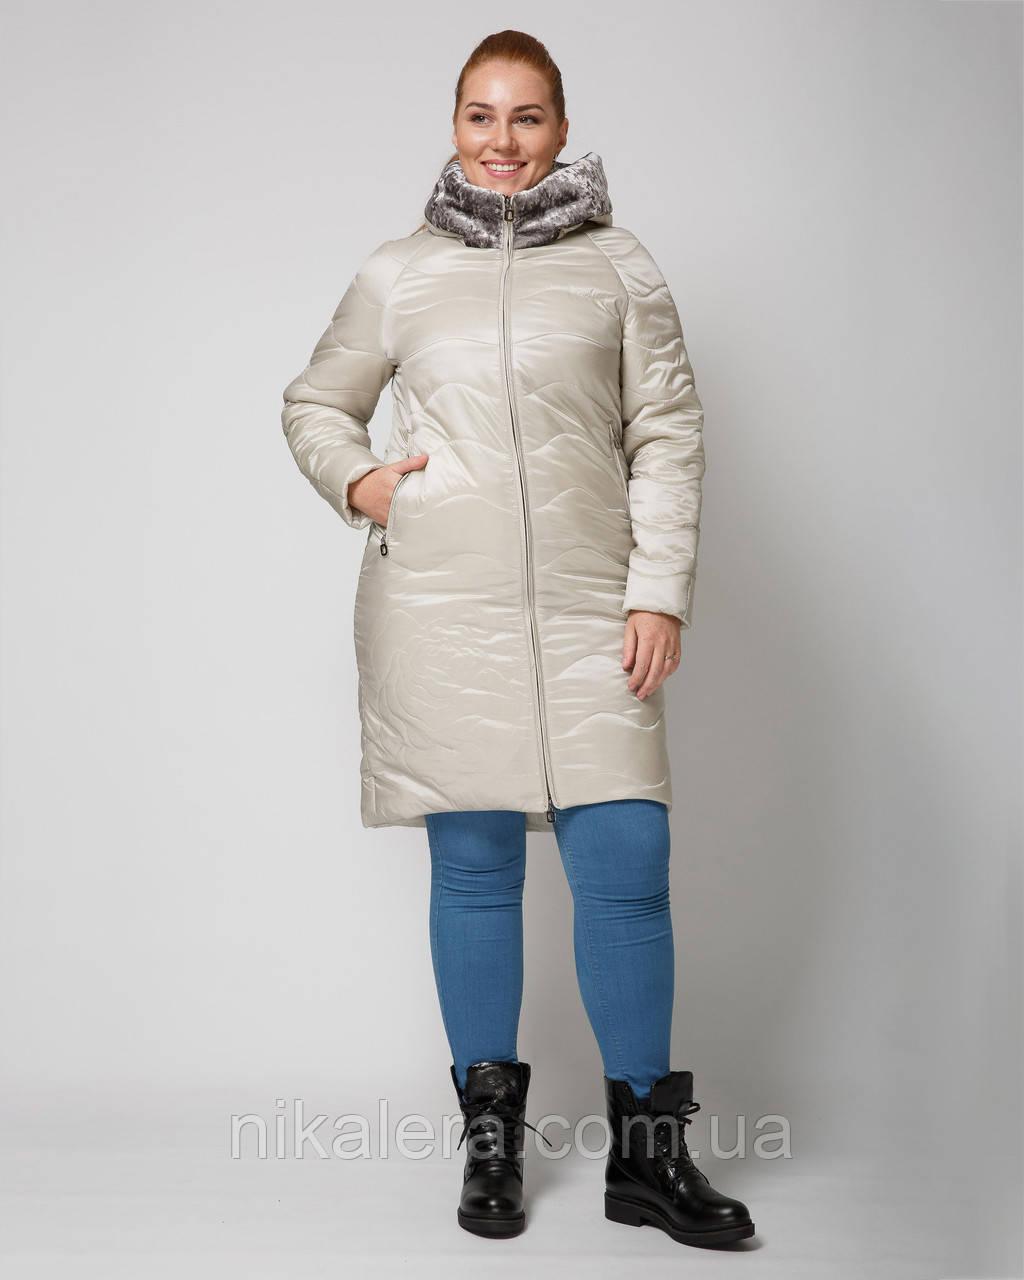 Куртка демисезон удлиненная с эко-мехом рр 46-56